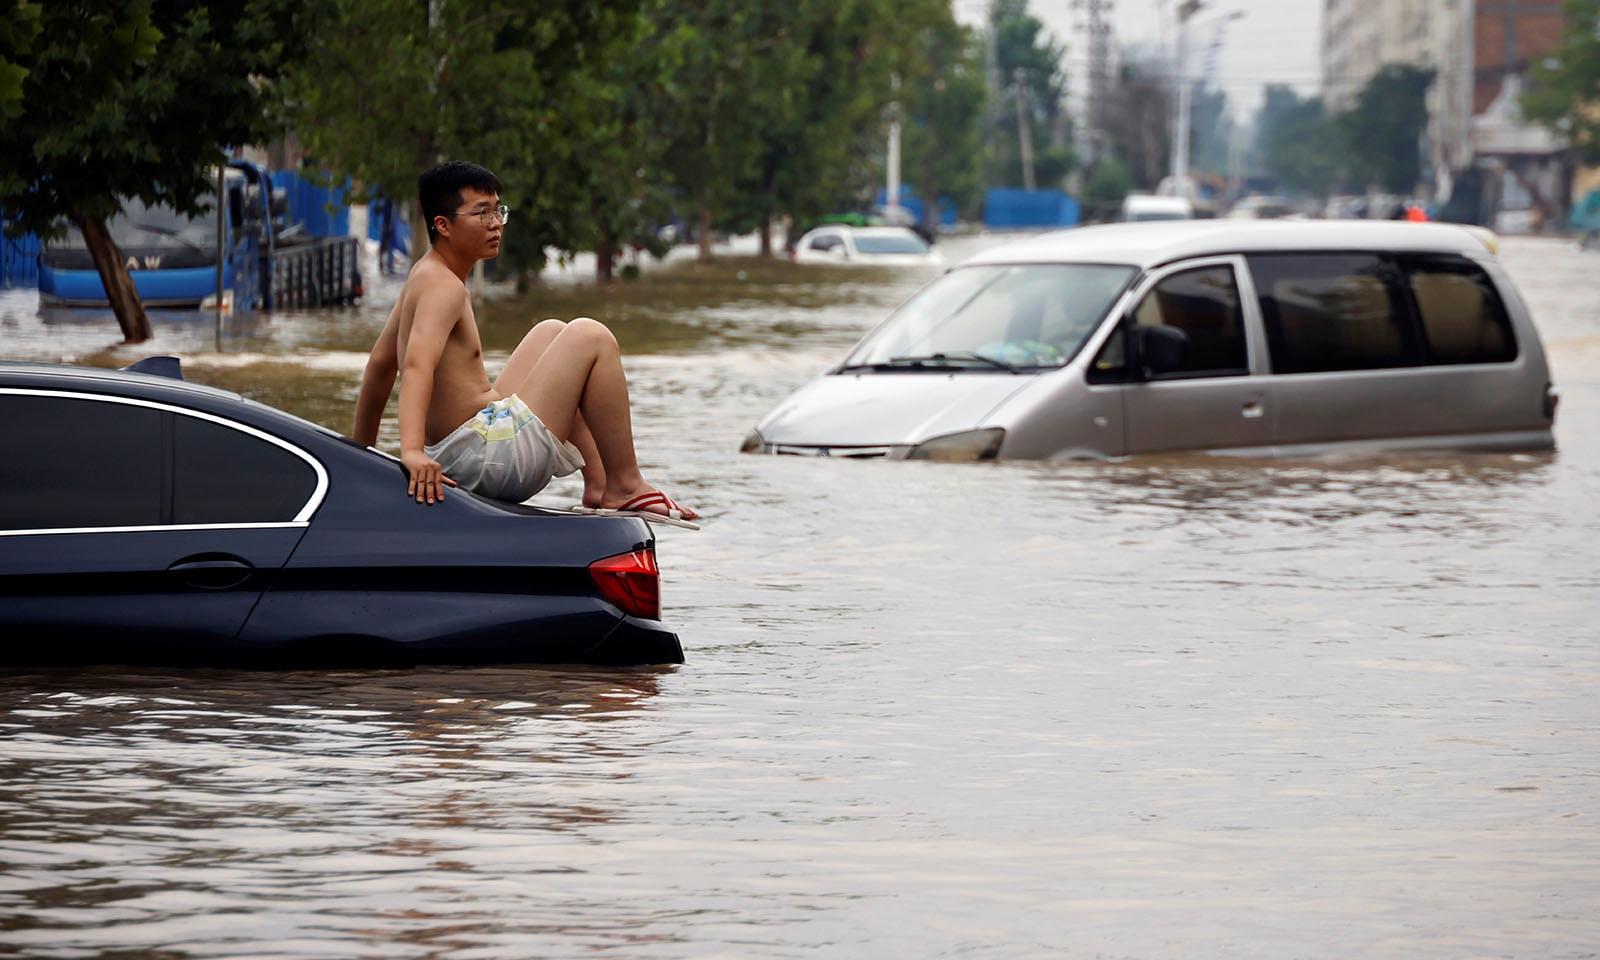 پانی کی سطح بلند ہونے سے کئی افراد اپنی گاڑیوں میں ہھنس کر رہ گئے—تصویر: رائٹرز